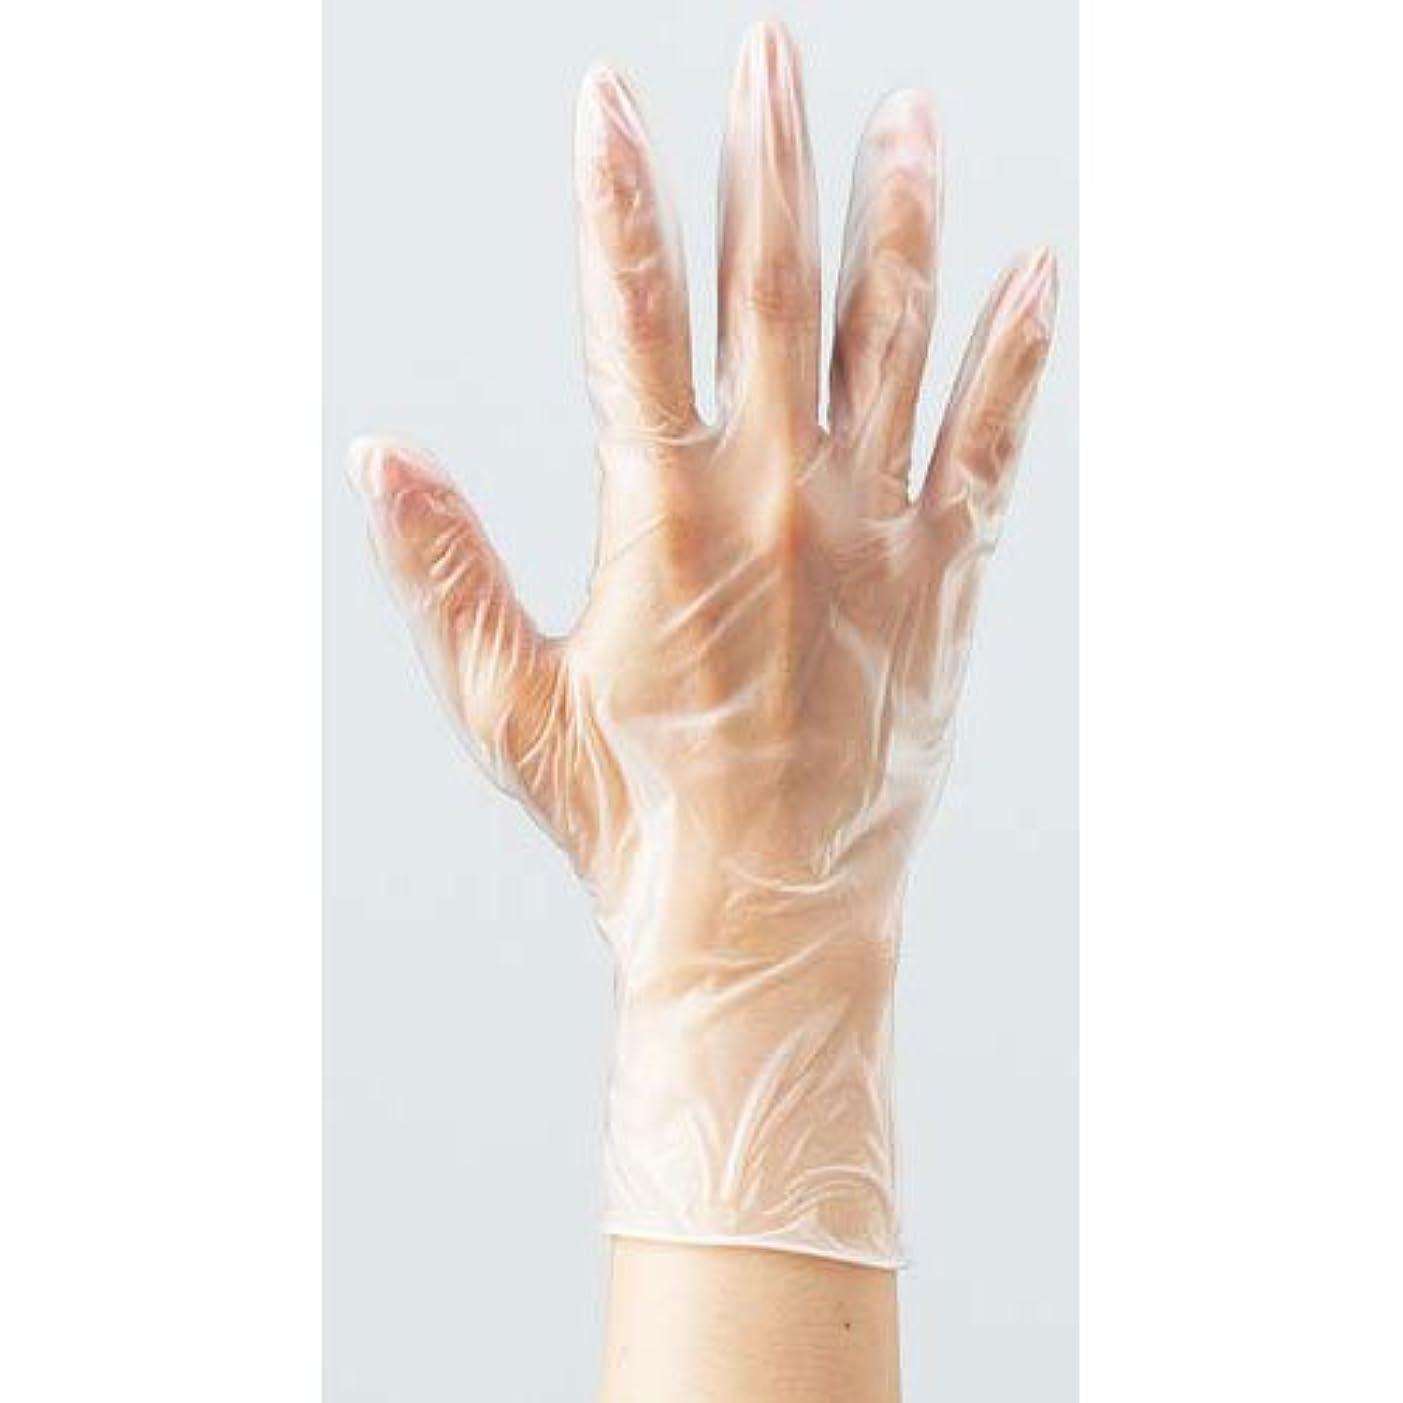 セミナー知り合いになる物足りないカウネット プラスチック手袋 袋入 粉無M 100枚×10